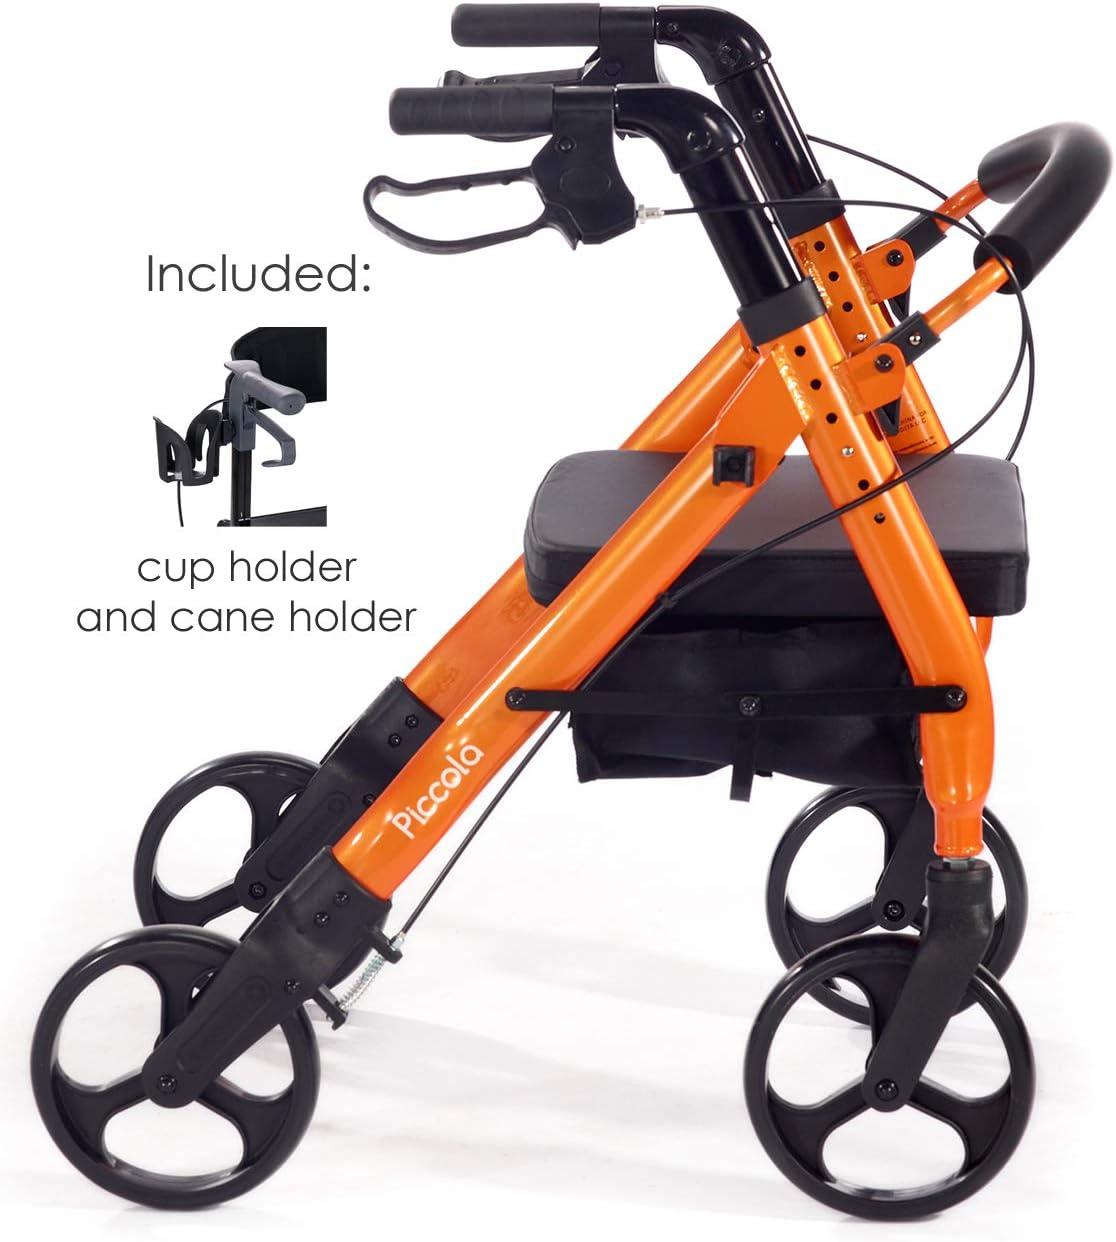 """Comodità Piccola (Petite) Heavy Duty Rollator Walker with Comfortable 15"""" Wide Seat (Metallic Orange) 61xokZ0KV4L"""